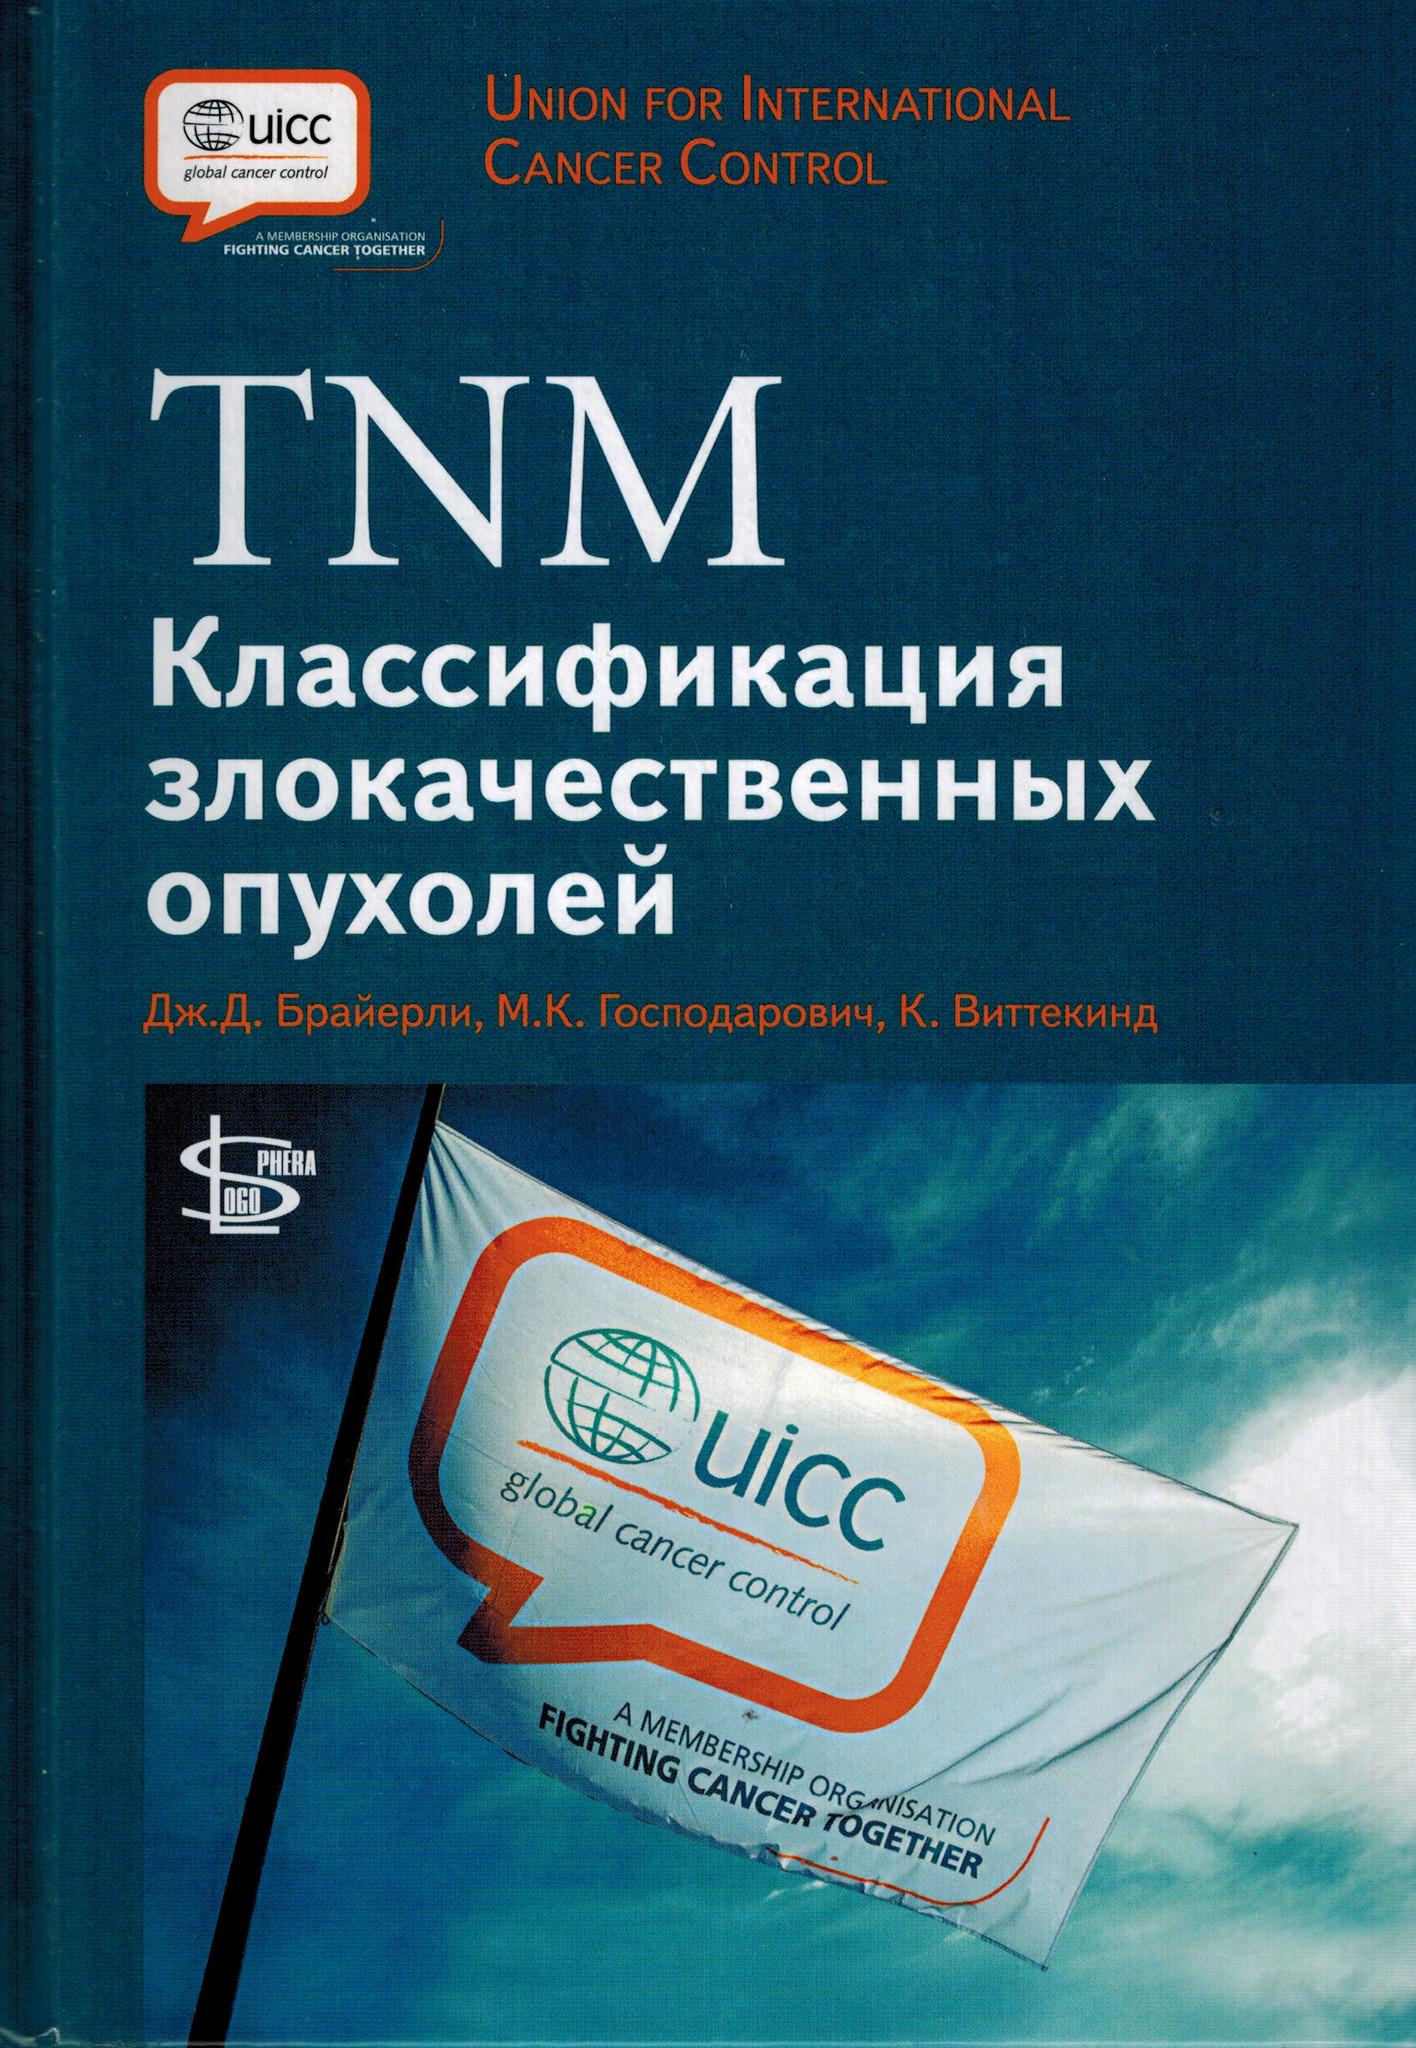 Каталог TNM: Классификация злокачественных опухолей tnm.jpg